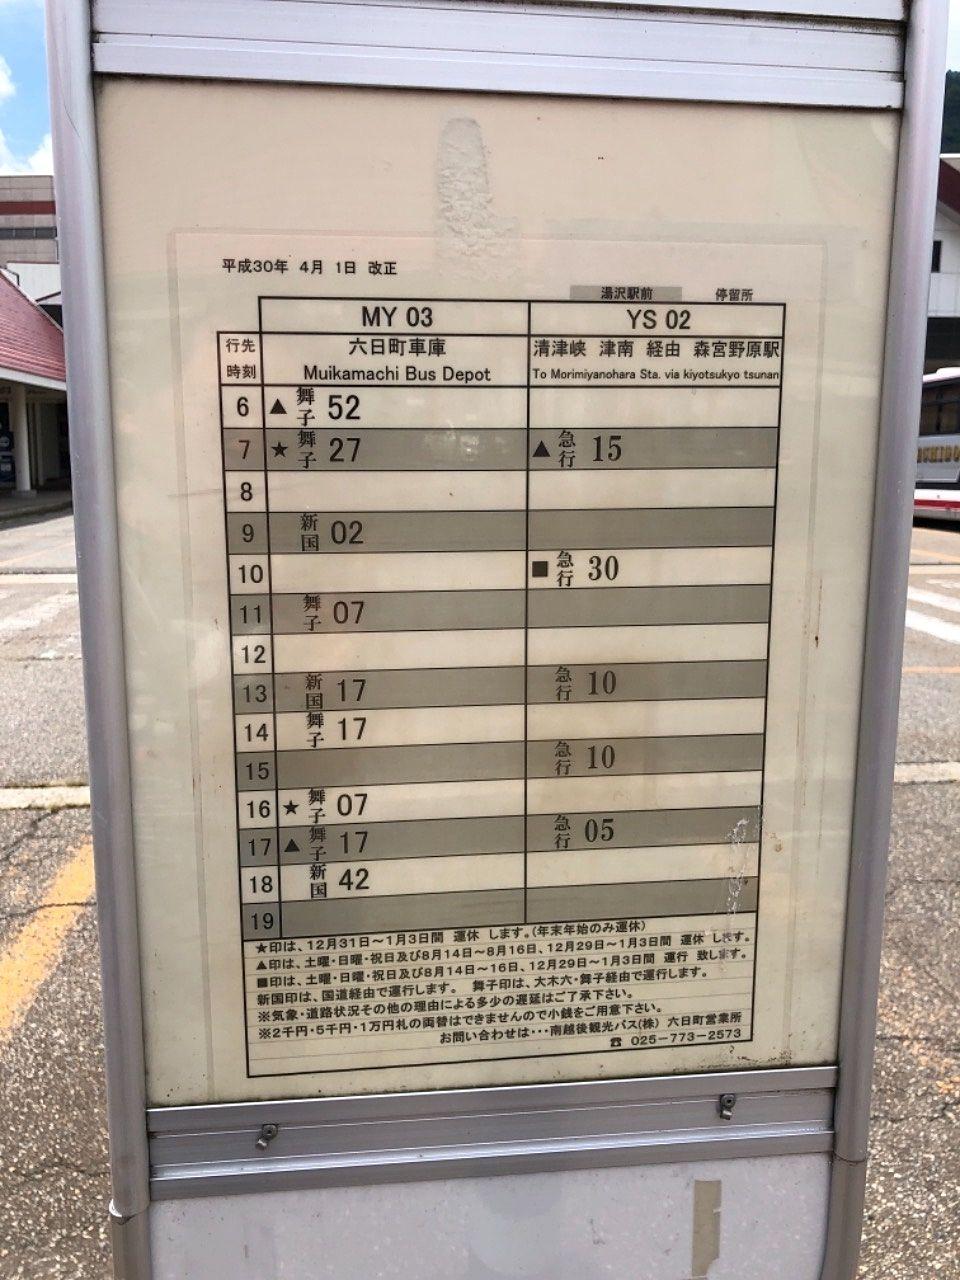 越後湯沢から石打方面の時刻表